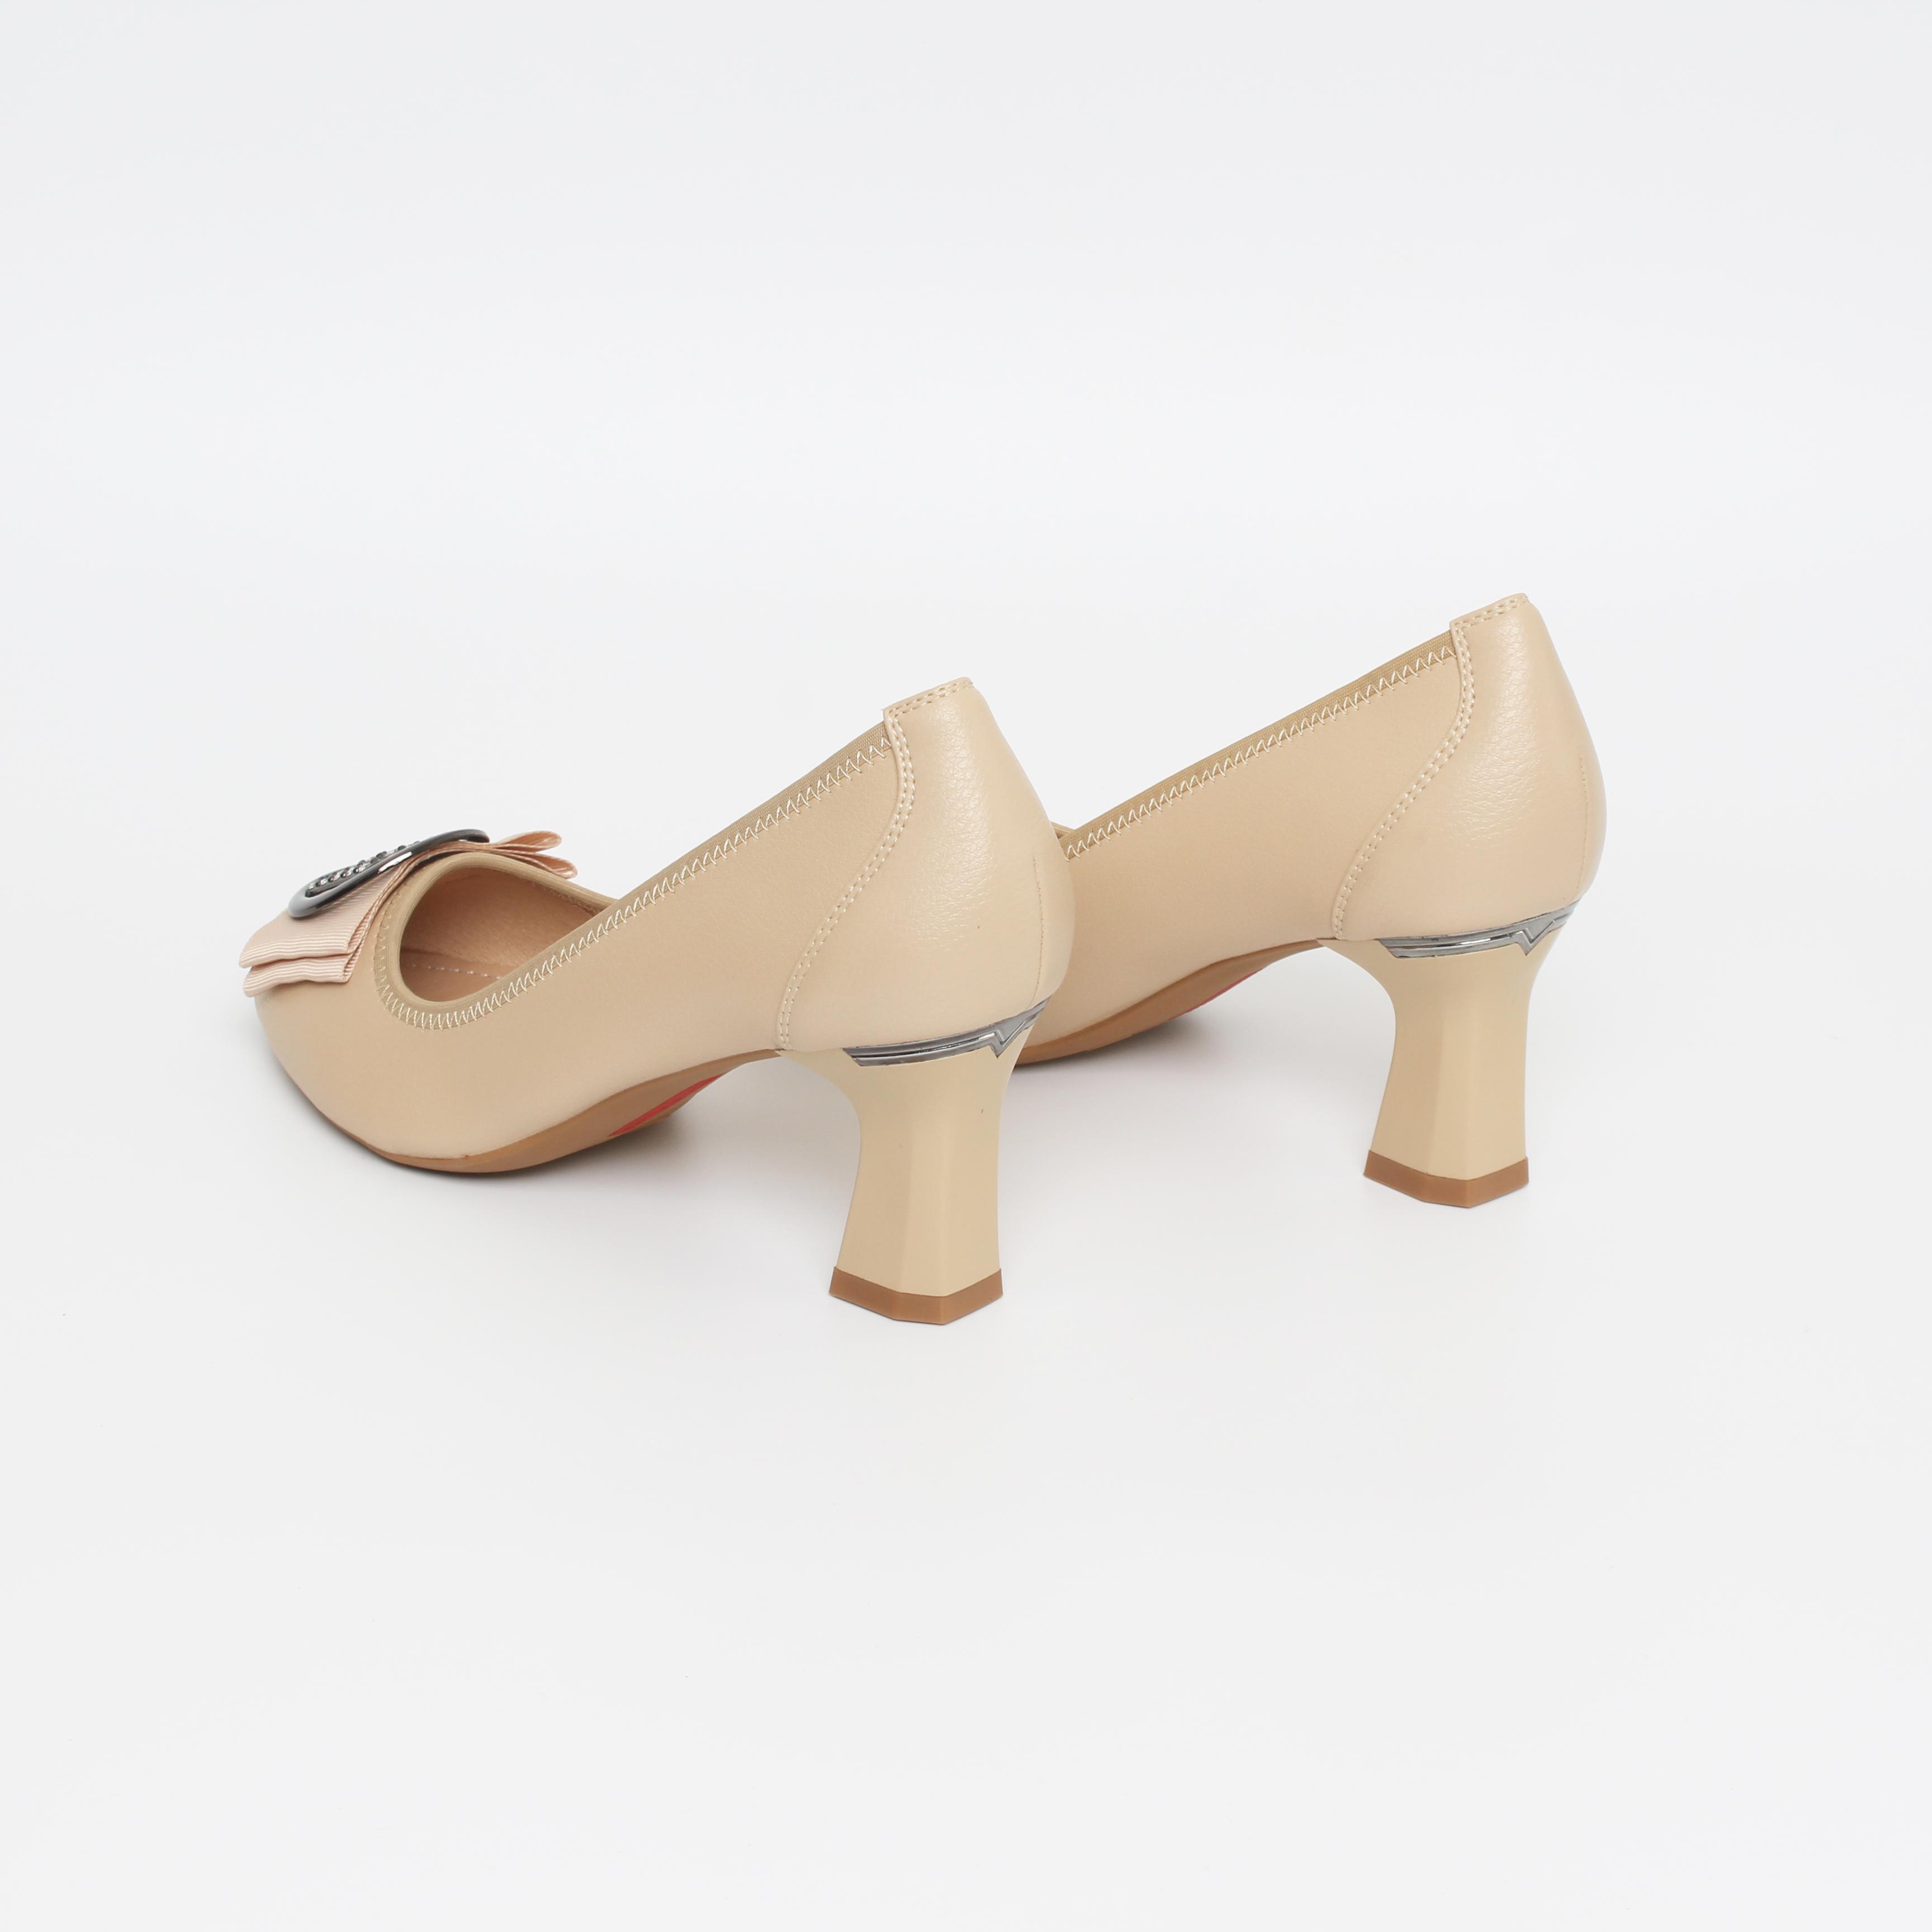 Giày Nữ, Giày Cao Gót Mũi Nhọn, Giày Cao Gót 7cm Thương Hiệu Giày Huy_BBTD8479